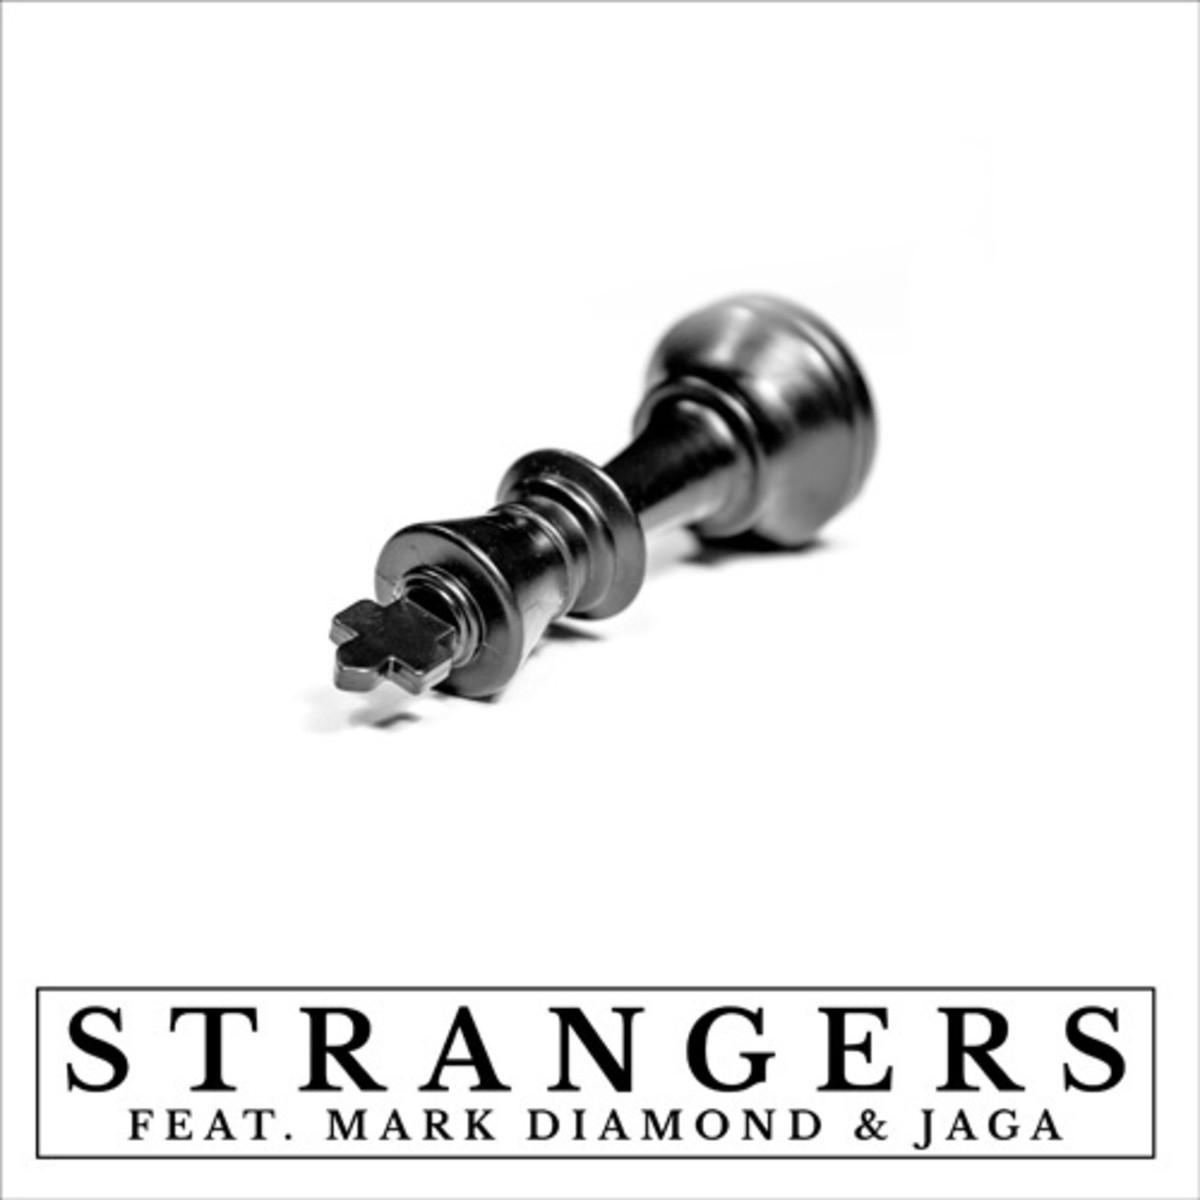 shelton-harris-strangers2.jpg